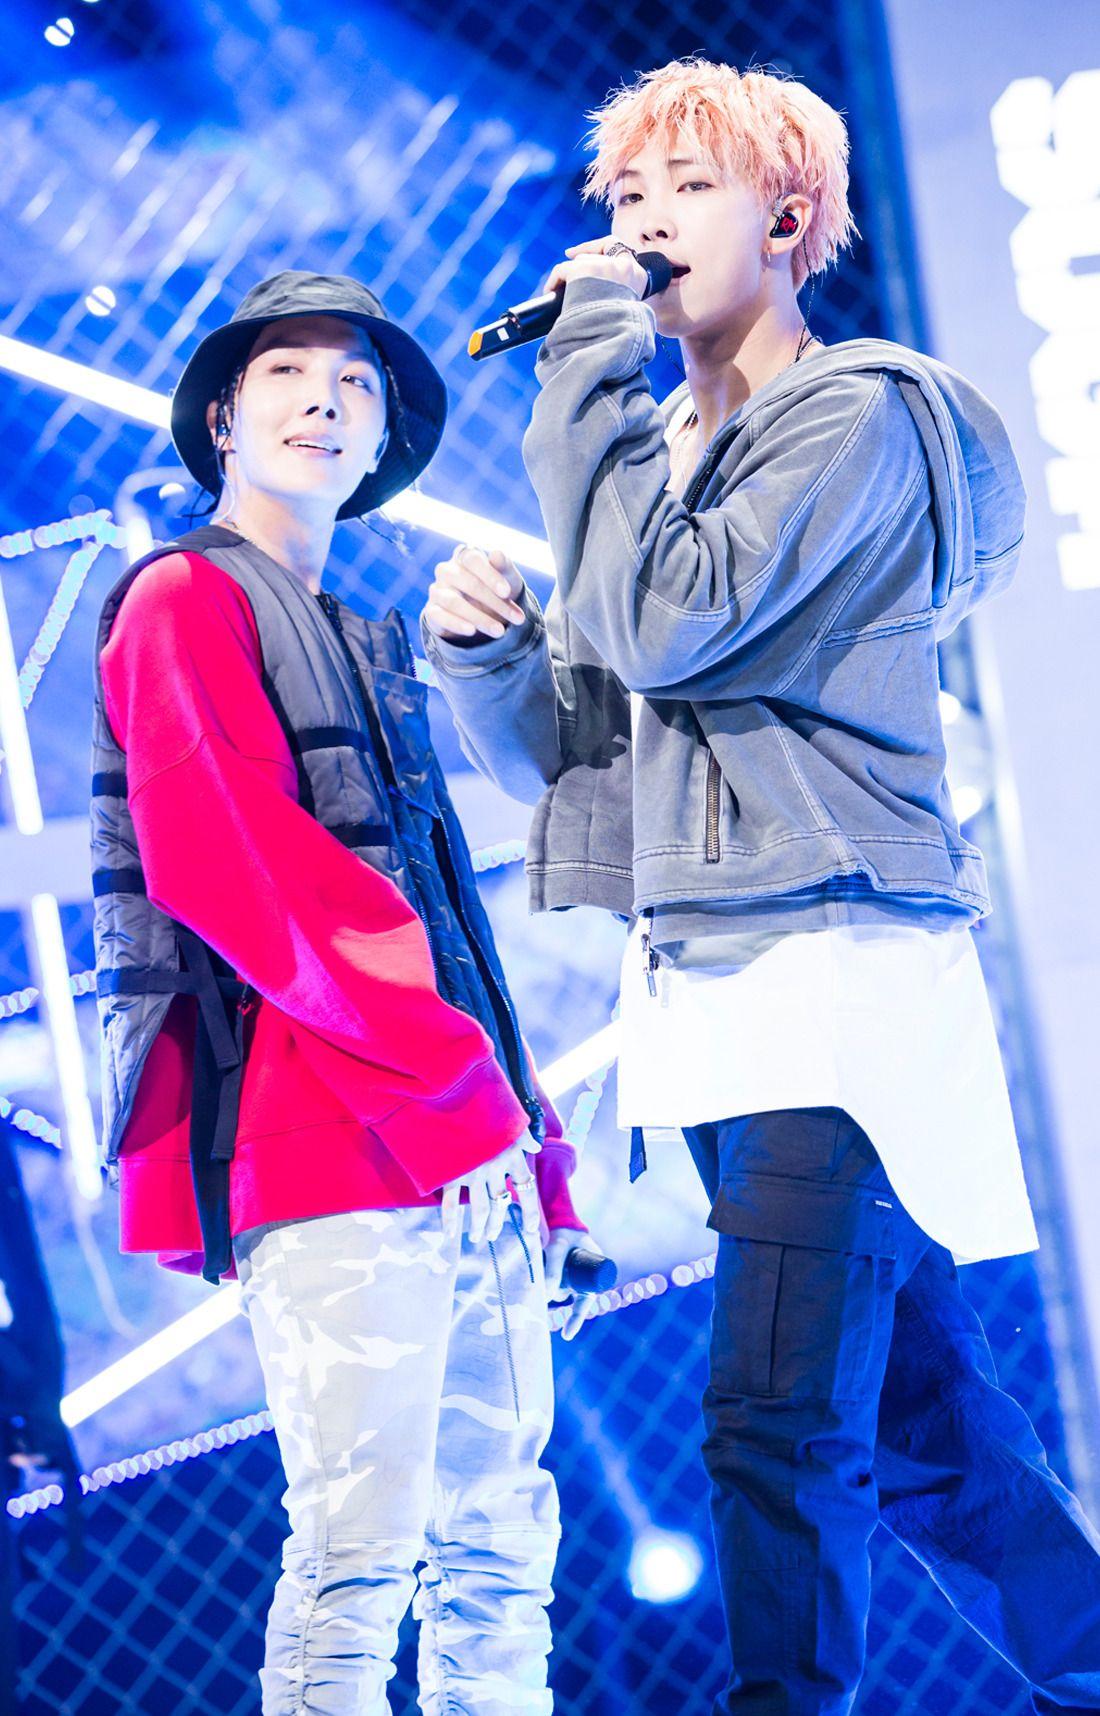 J-Hope & Rap Monster ♡ BTS 17.09.25 Inkigayo